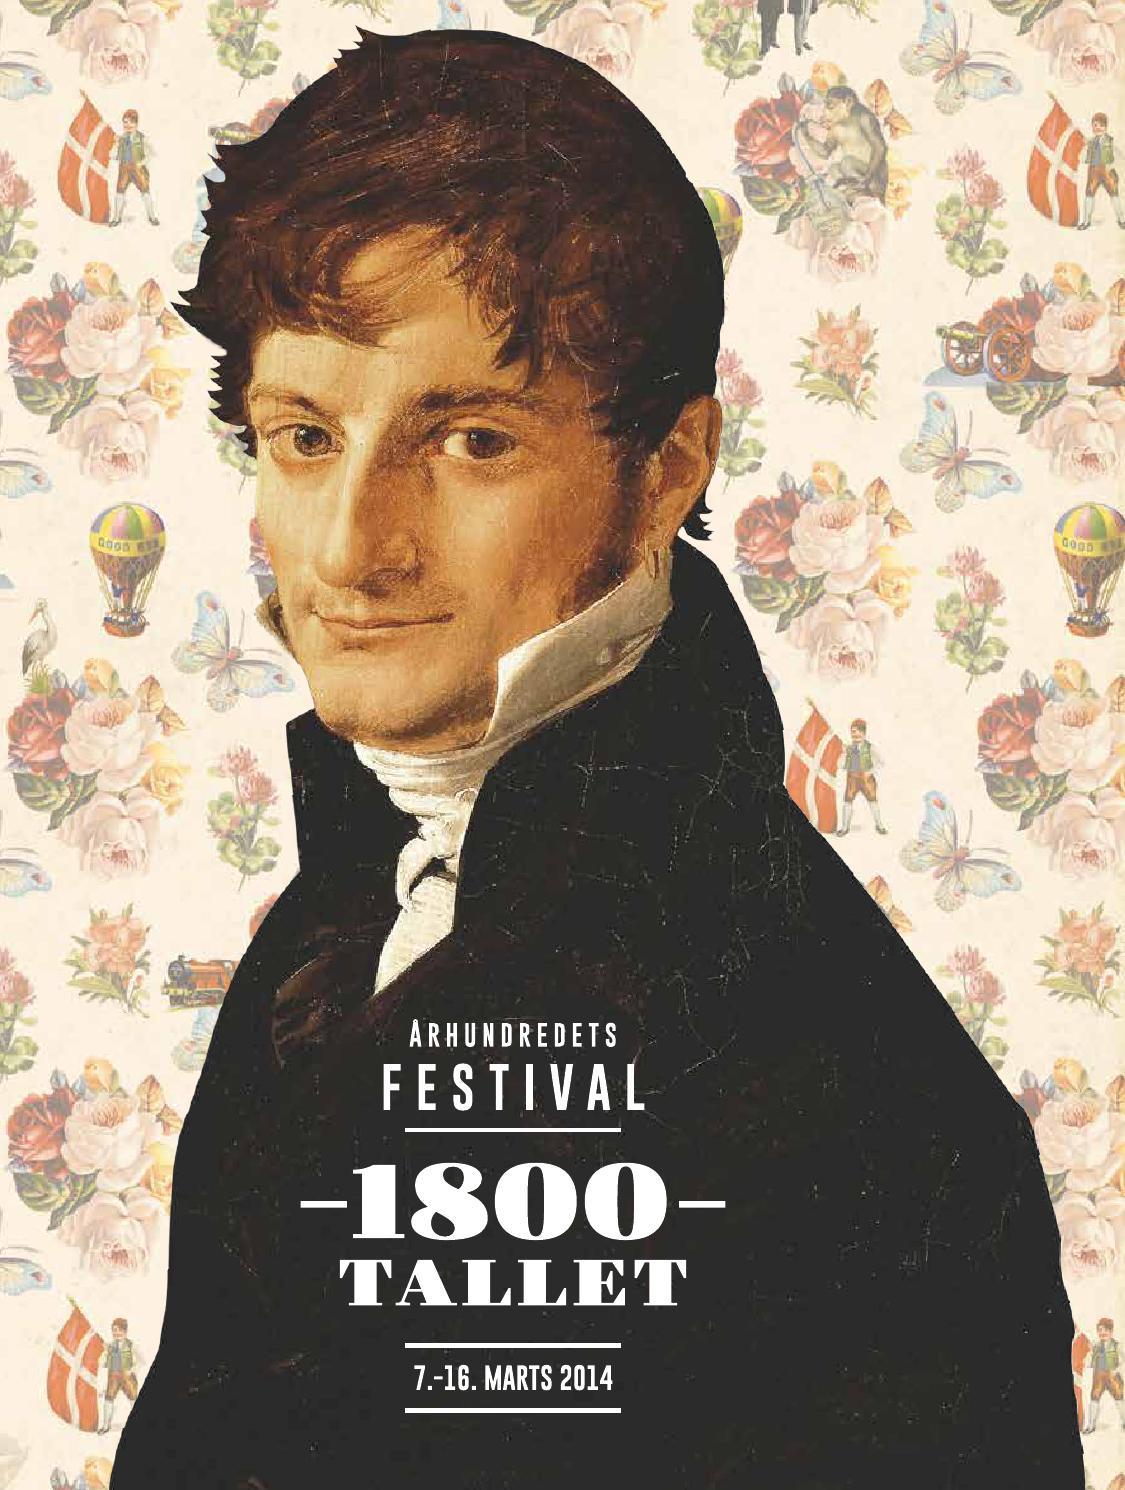 program for 197rhundredets festival 1800 tallet by